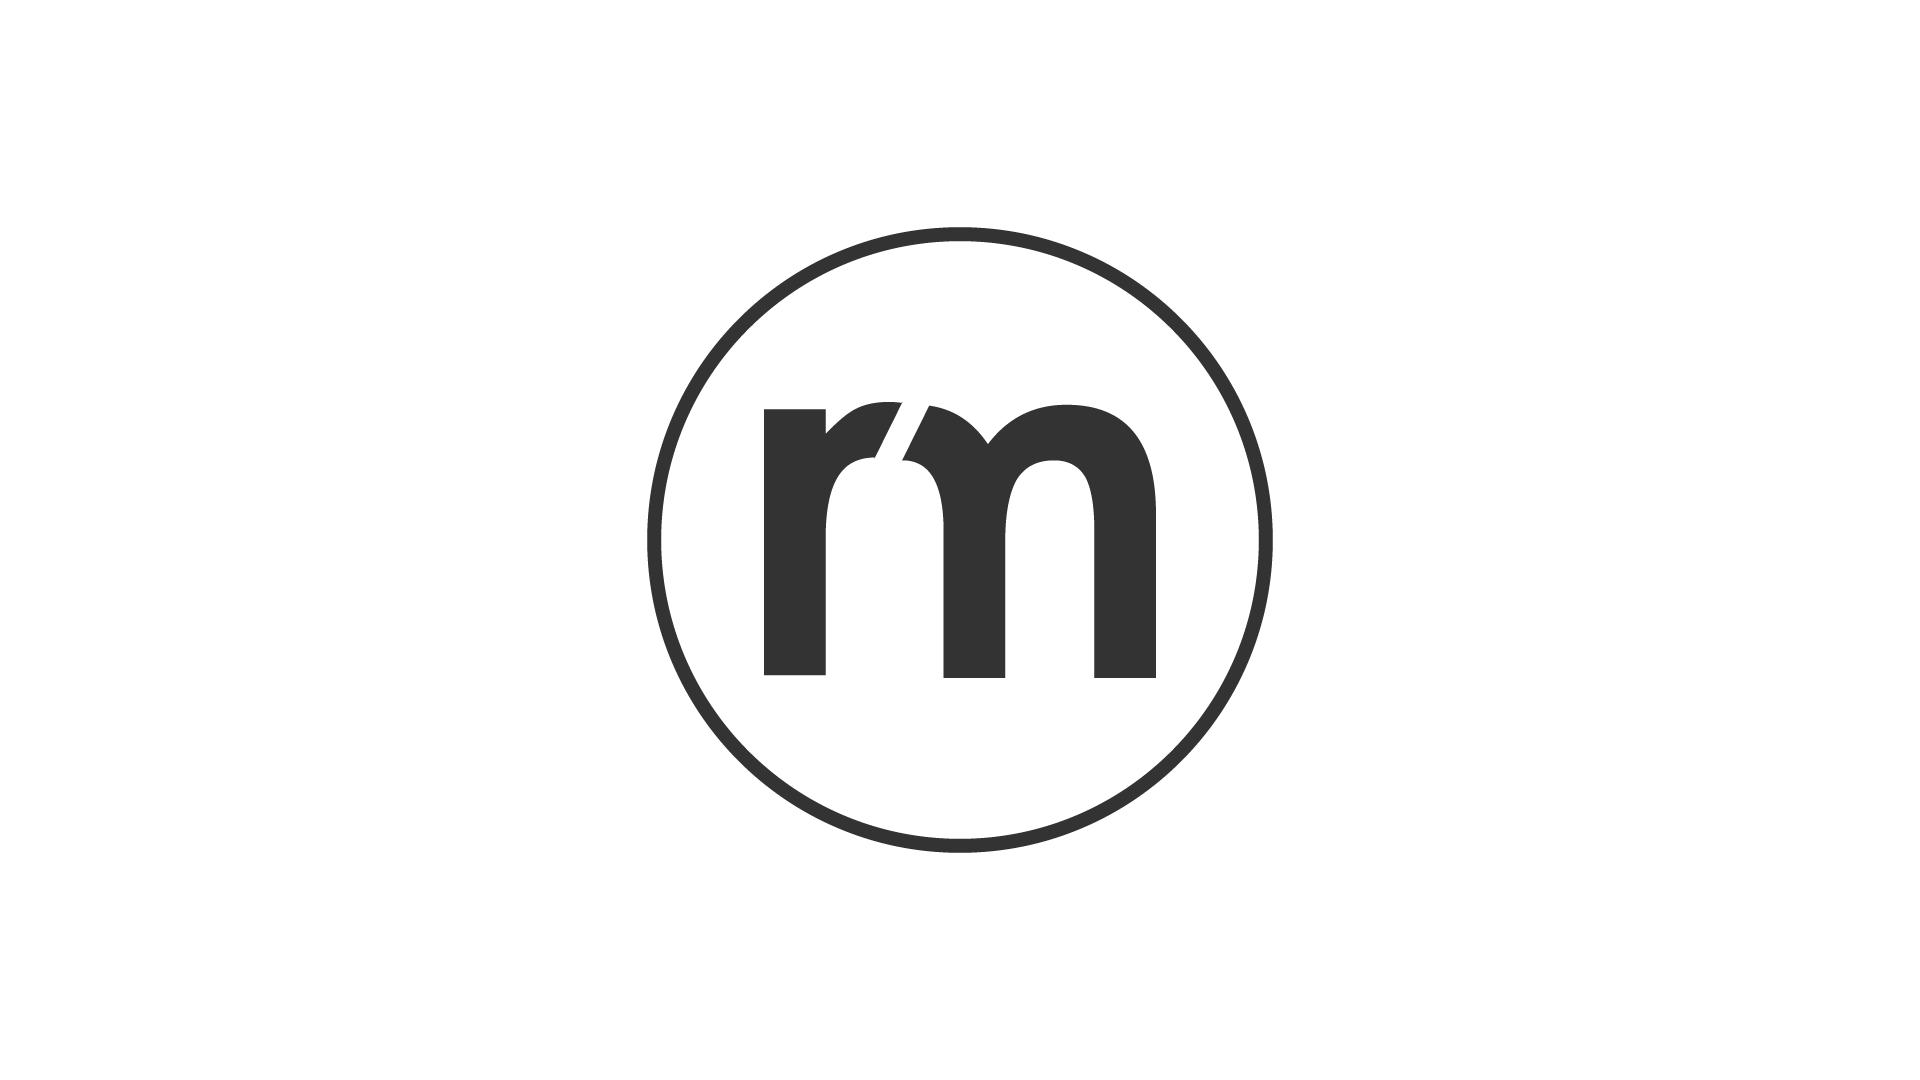 Разработка дизайна логотипа продакшена фото f_7615a7c37b1aceec.png